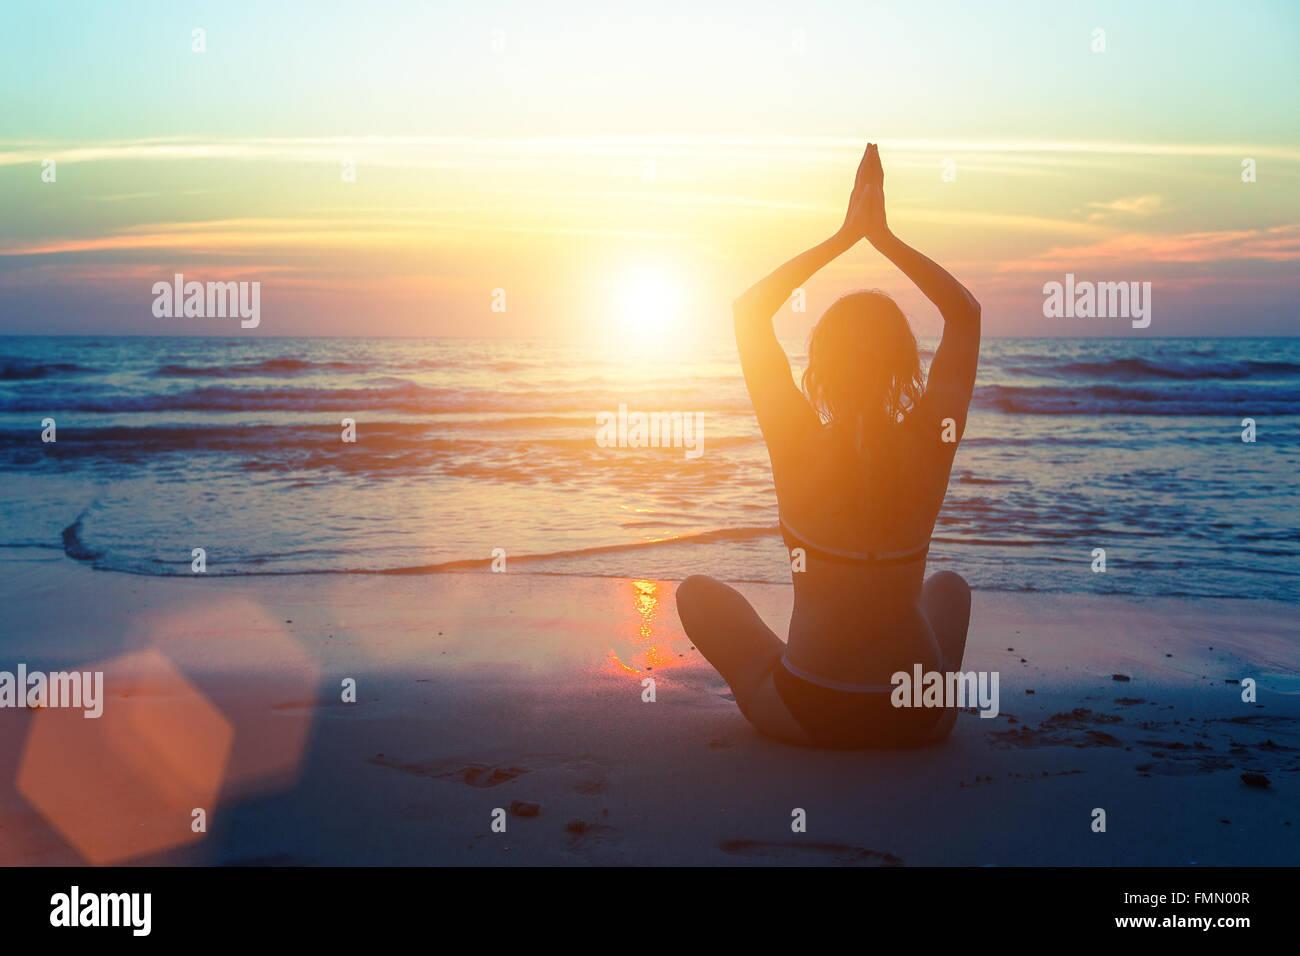 Silhouette di donna a praticare yoga sulla spiaggia del mare. Immagini Stock